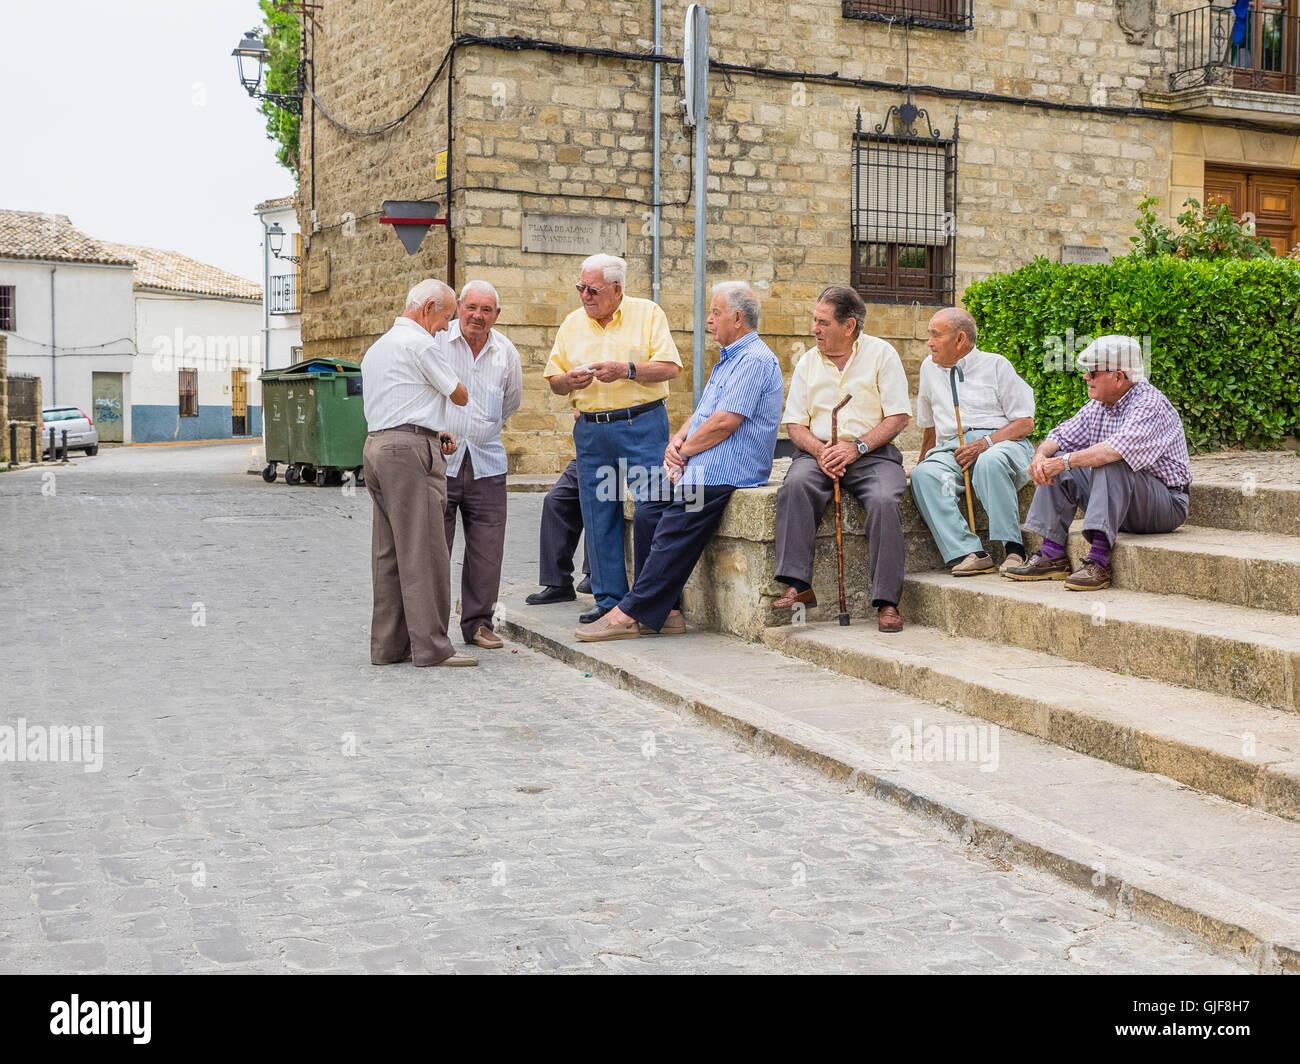 Bienvenidos a chat gratis de Andalucia chatea gratuitamente y haz nuevos amigos